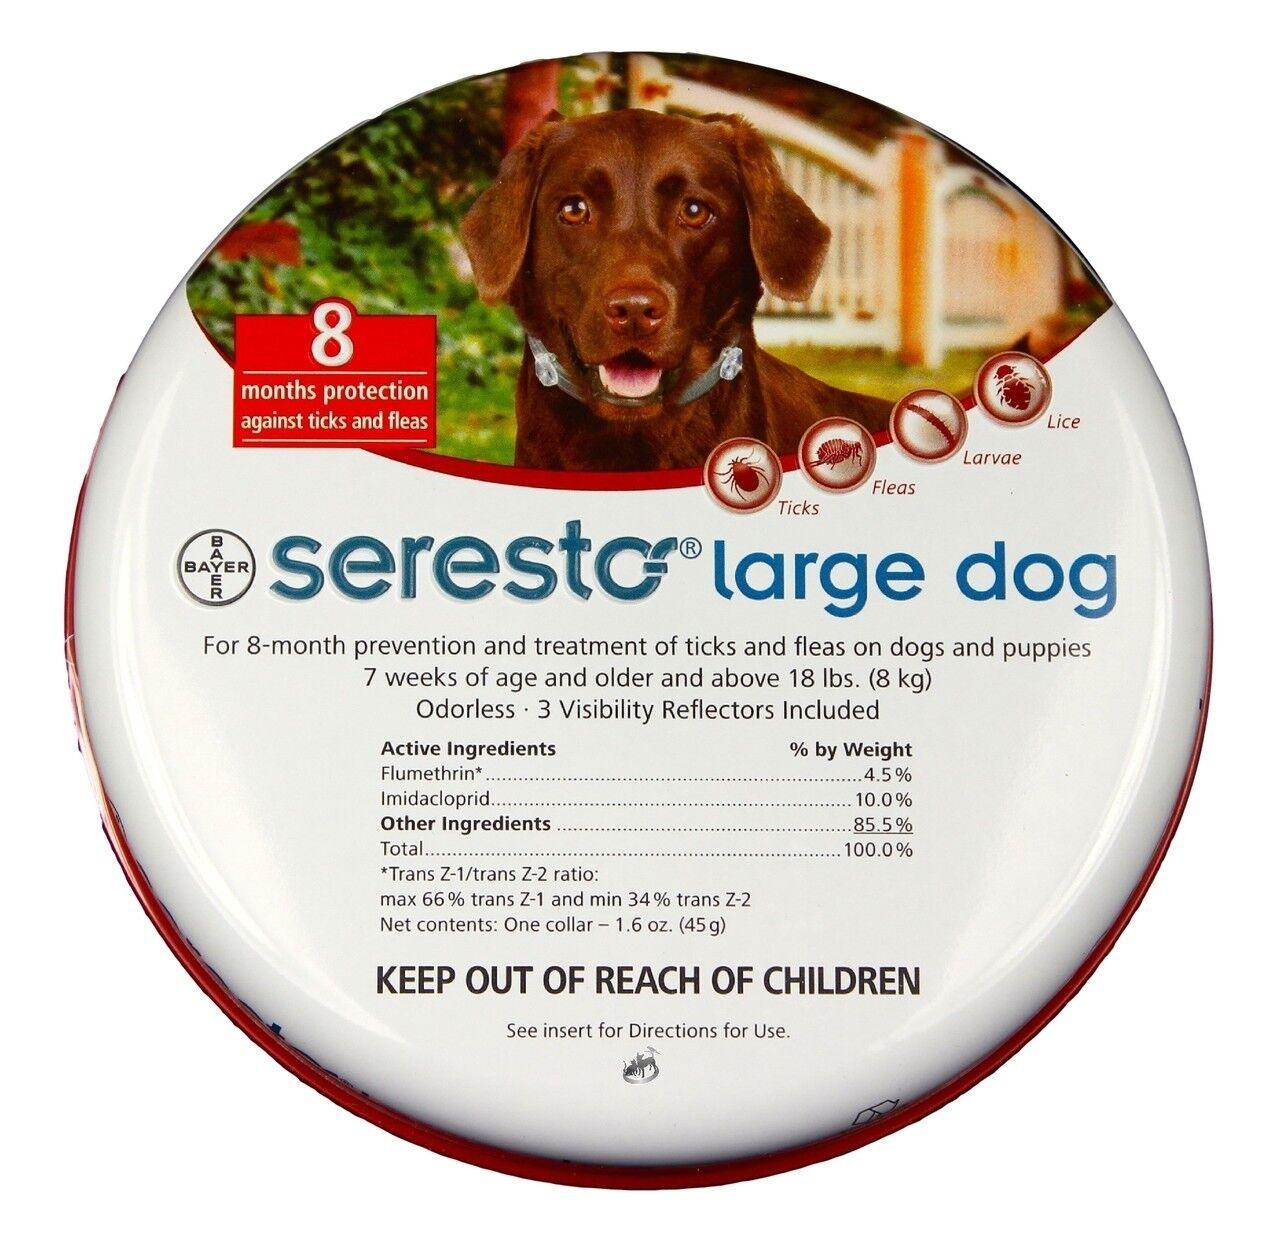 Seresto Antipulci & Collare di Graduazione per Cani Grossi (8.2kg